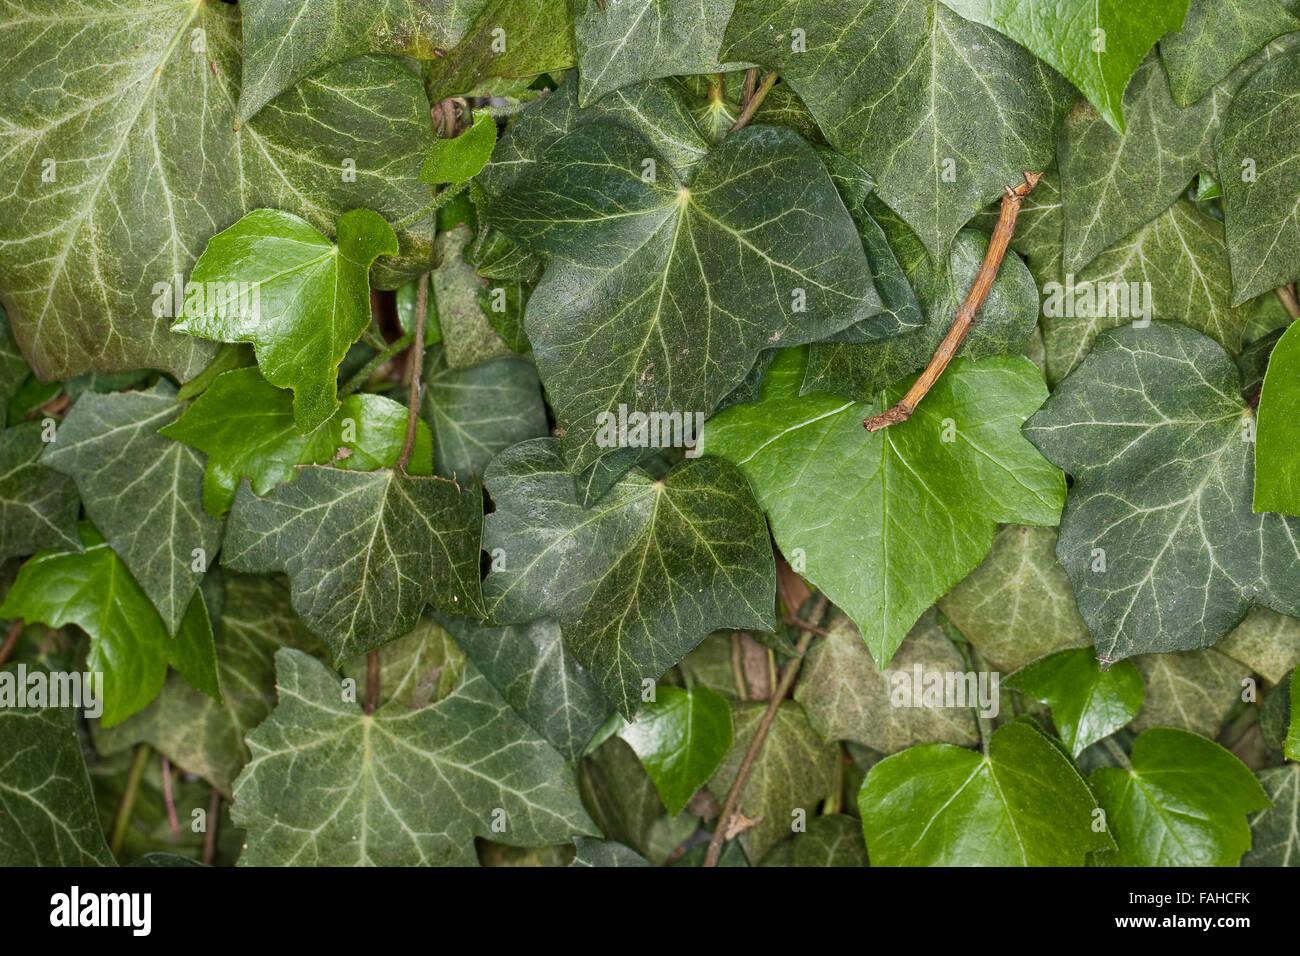 Swallow-tailed moth, caterpillar, Nachtschwalbenschwanz, Nacht-Schwalbenschwanz, Holunderspanner, Raupe, Ourapteryx - Stock Image